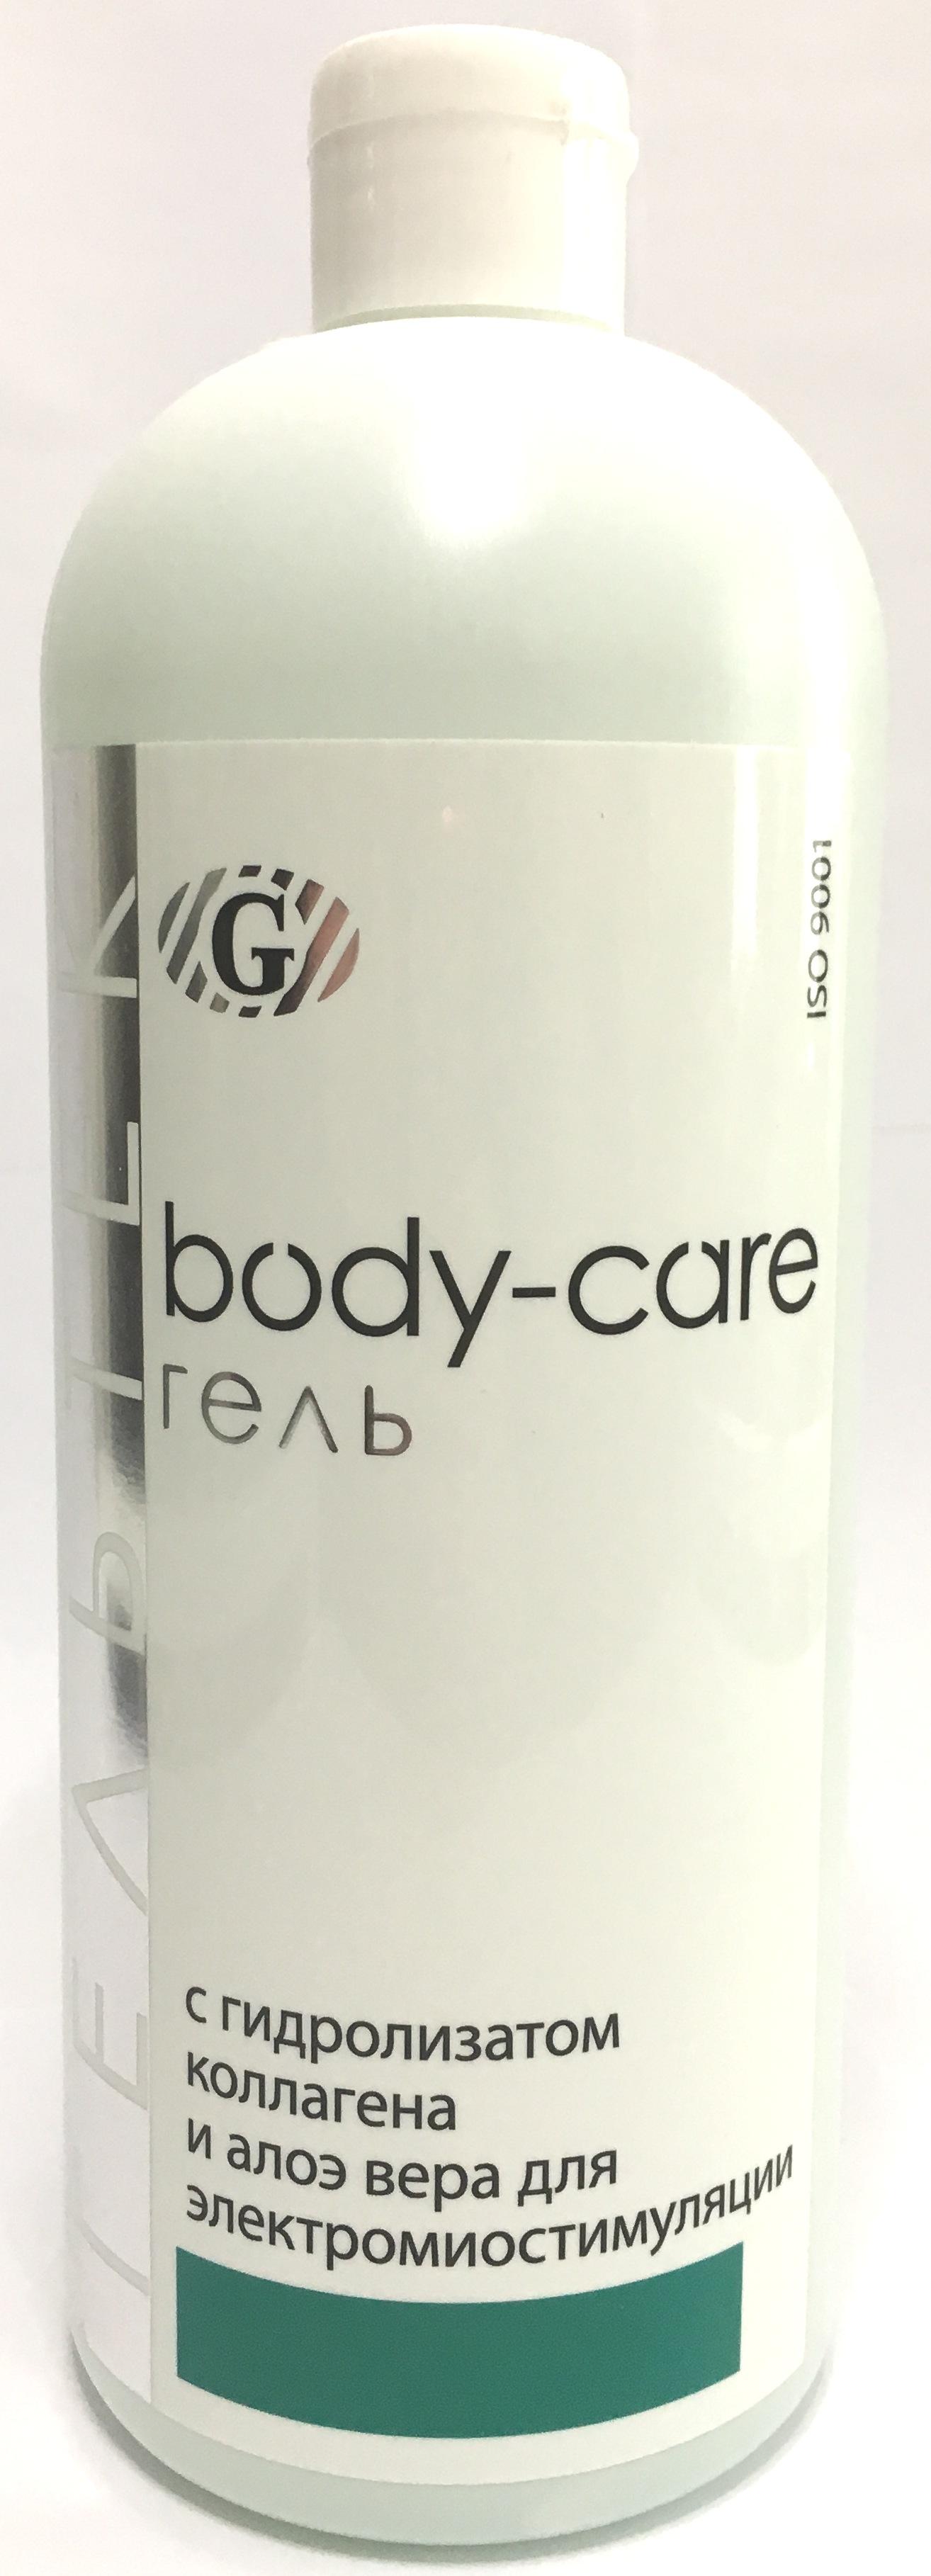 ГЕЛЬТЕК Гель косметический контактный с гидролизатом коллагена и алоэ вера для ЭМС / Body 1000 г